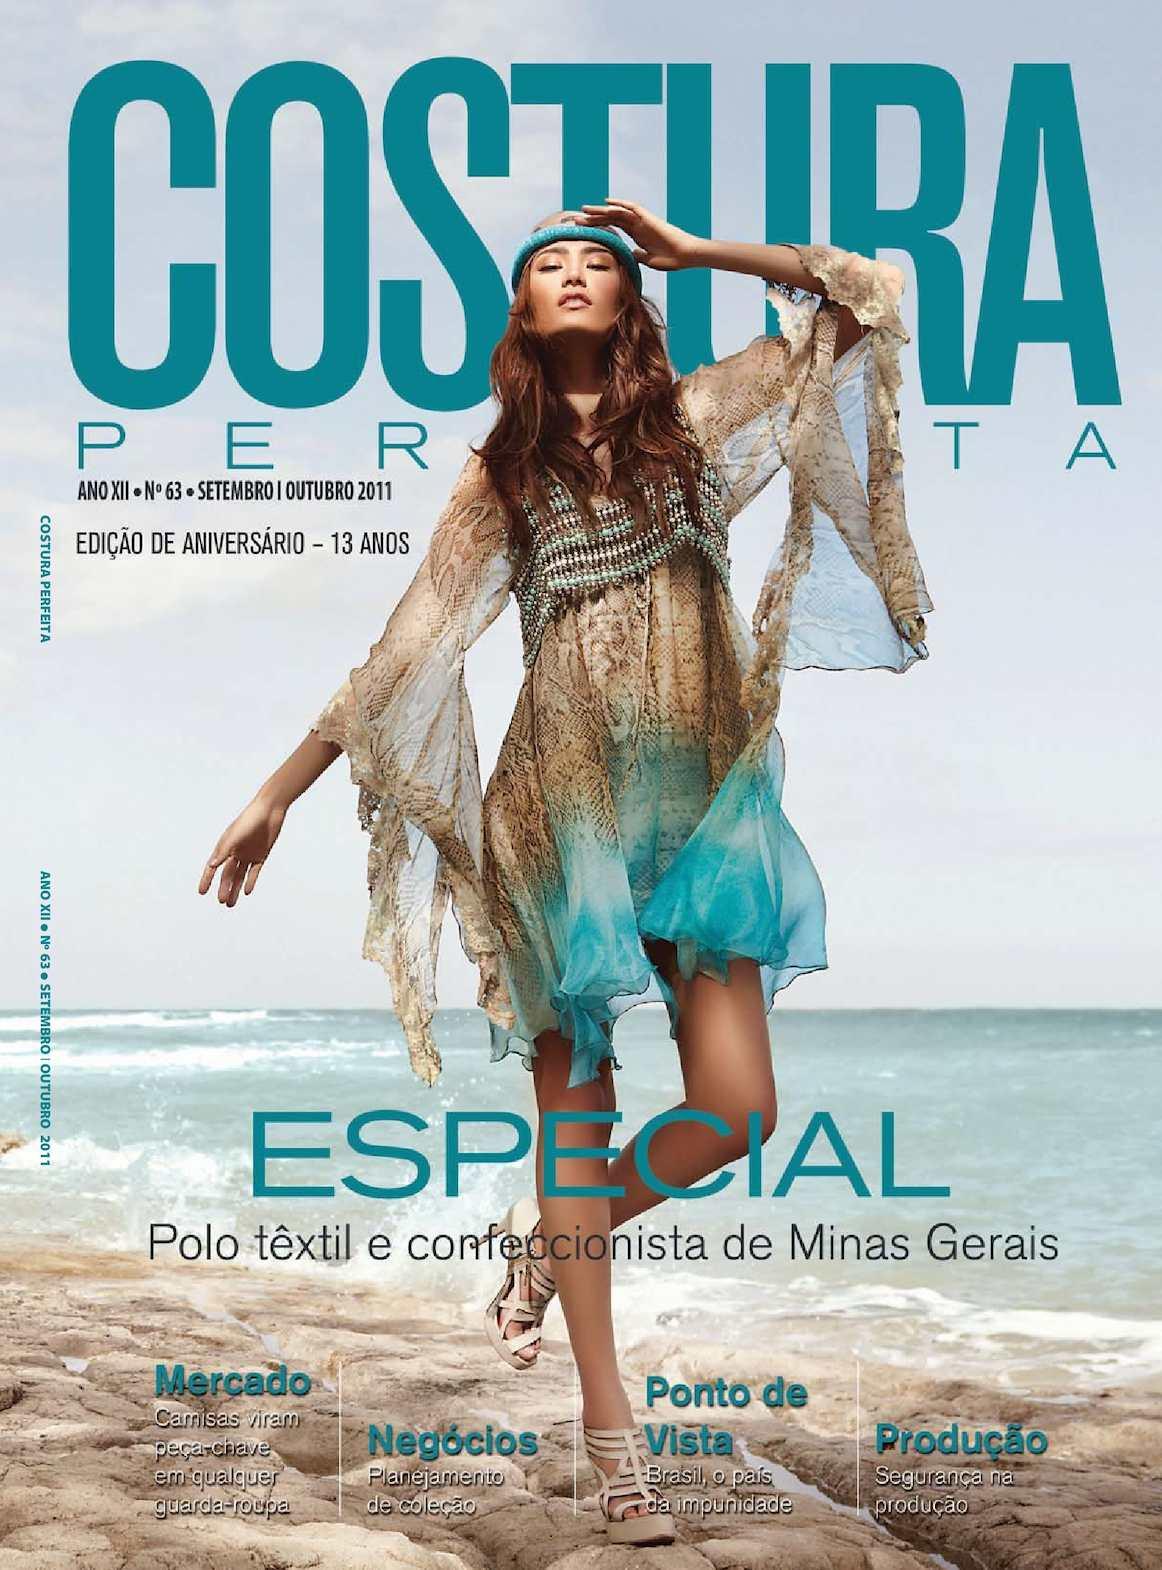 Calaméo - Revista Costura Perfeita Edição Ano XII - N63 - Setembro-Outubro  2011 4a403e3a280